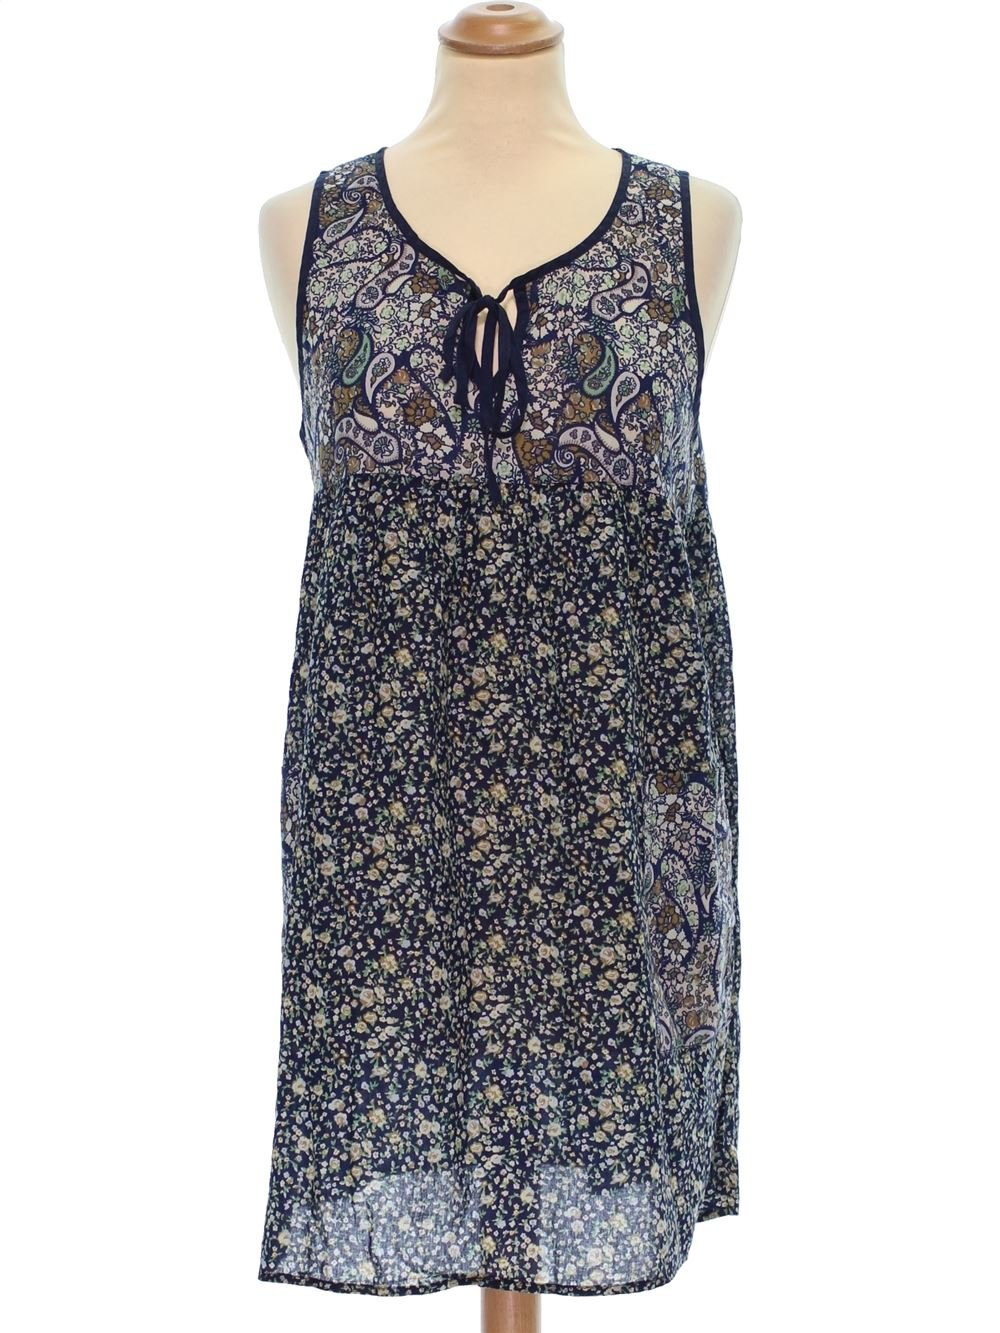 prix d'usine bca8c 073e4 Tunique Femme H&M S pas cher, 7.88 € - #1282481